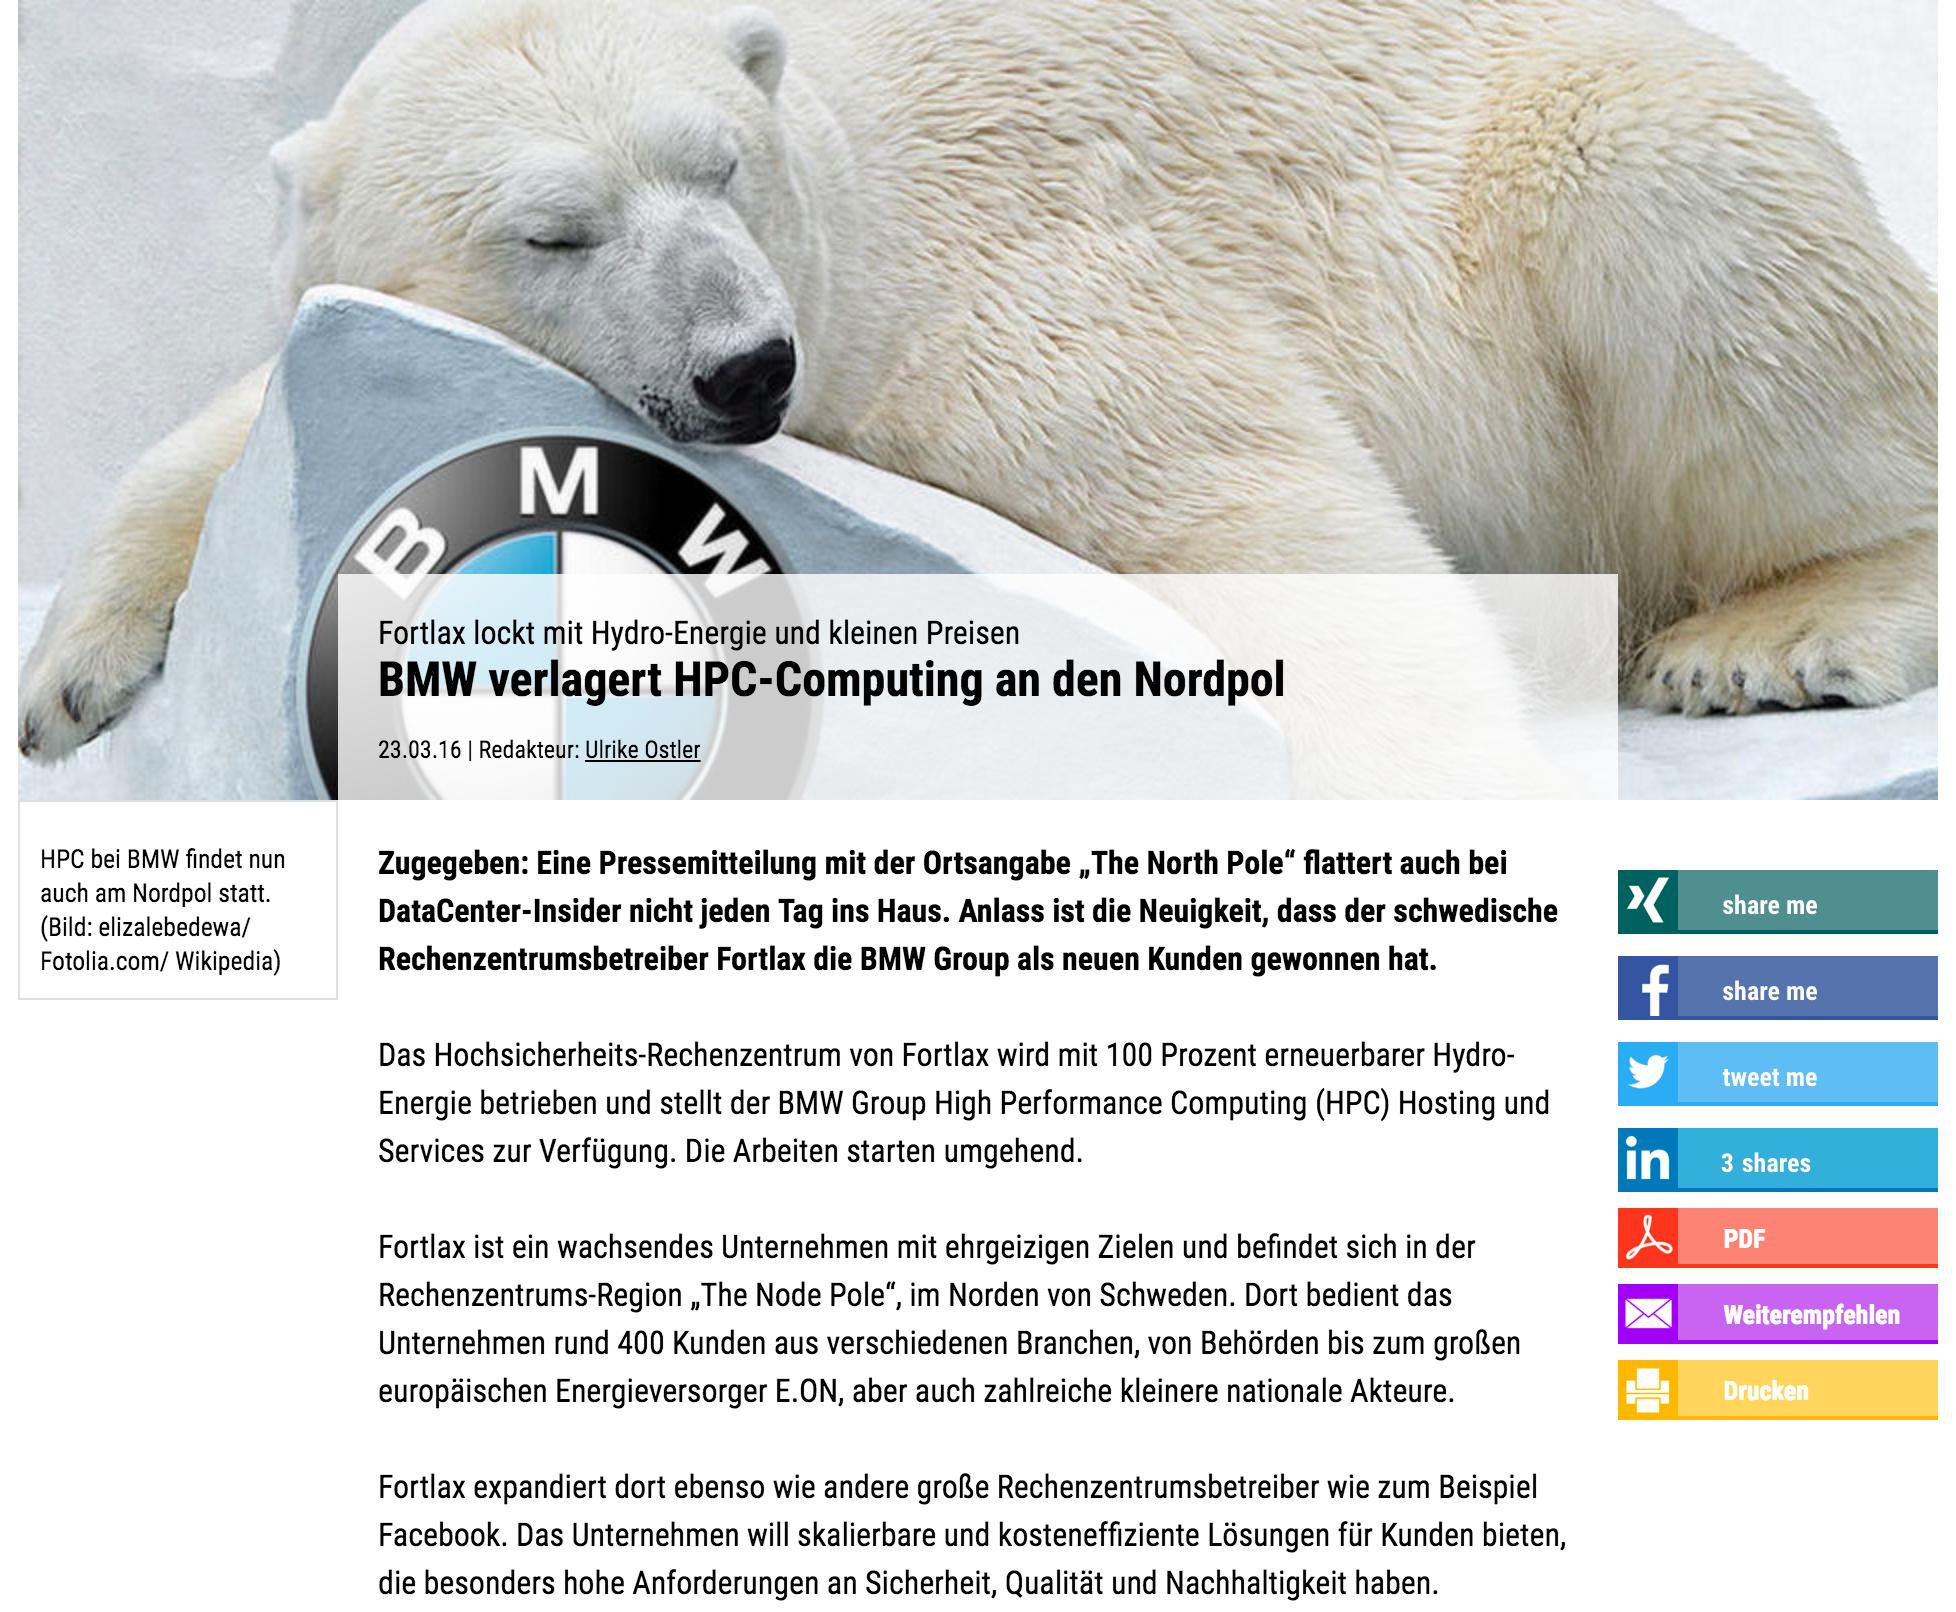 BMW_verlagert_HPC-Computing_an_den_Nordpol